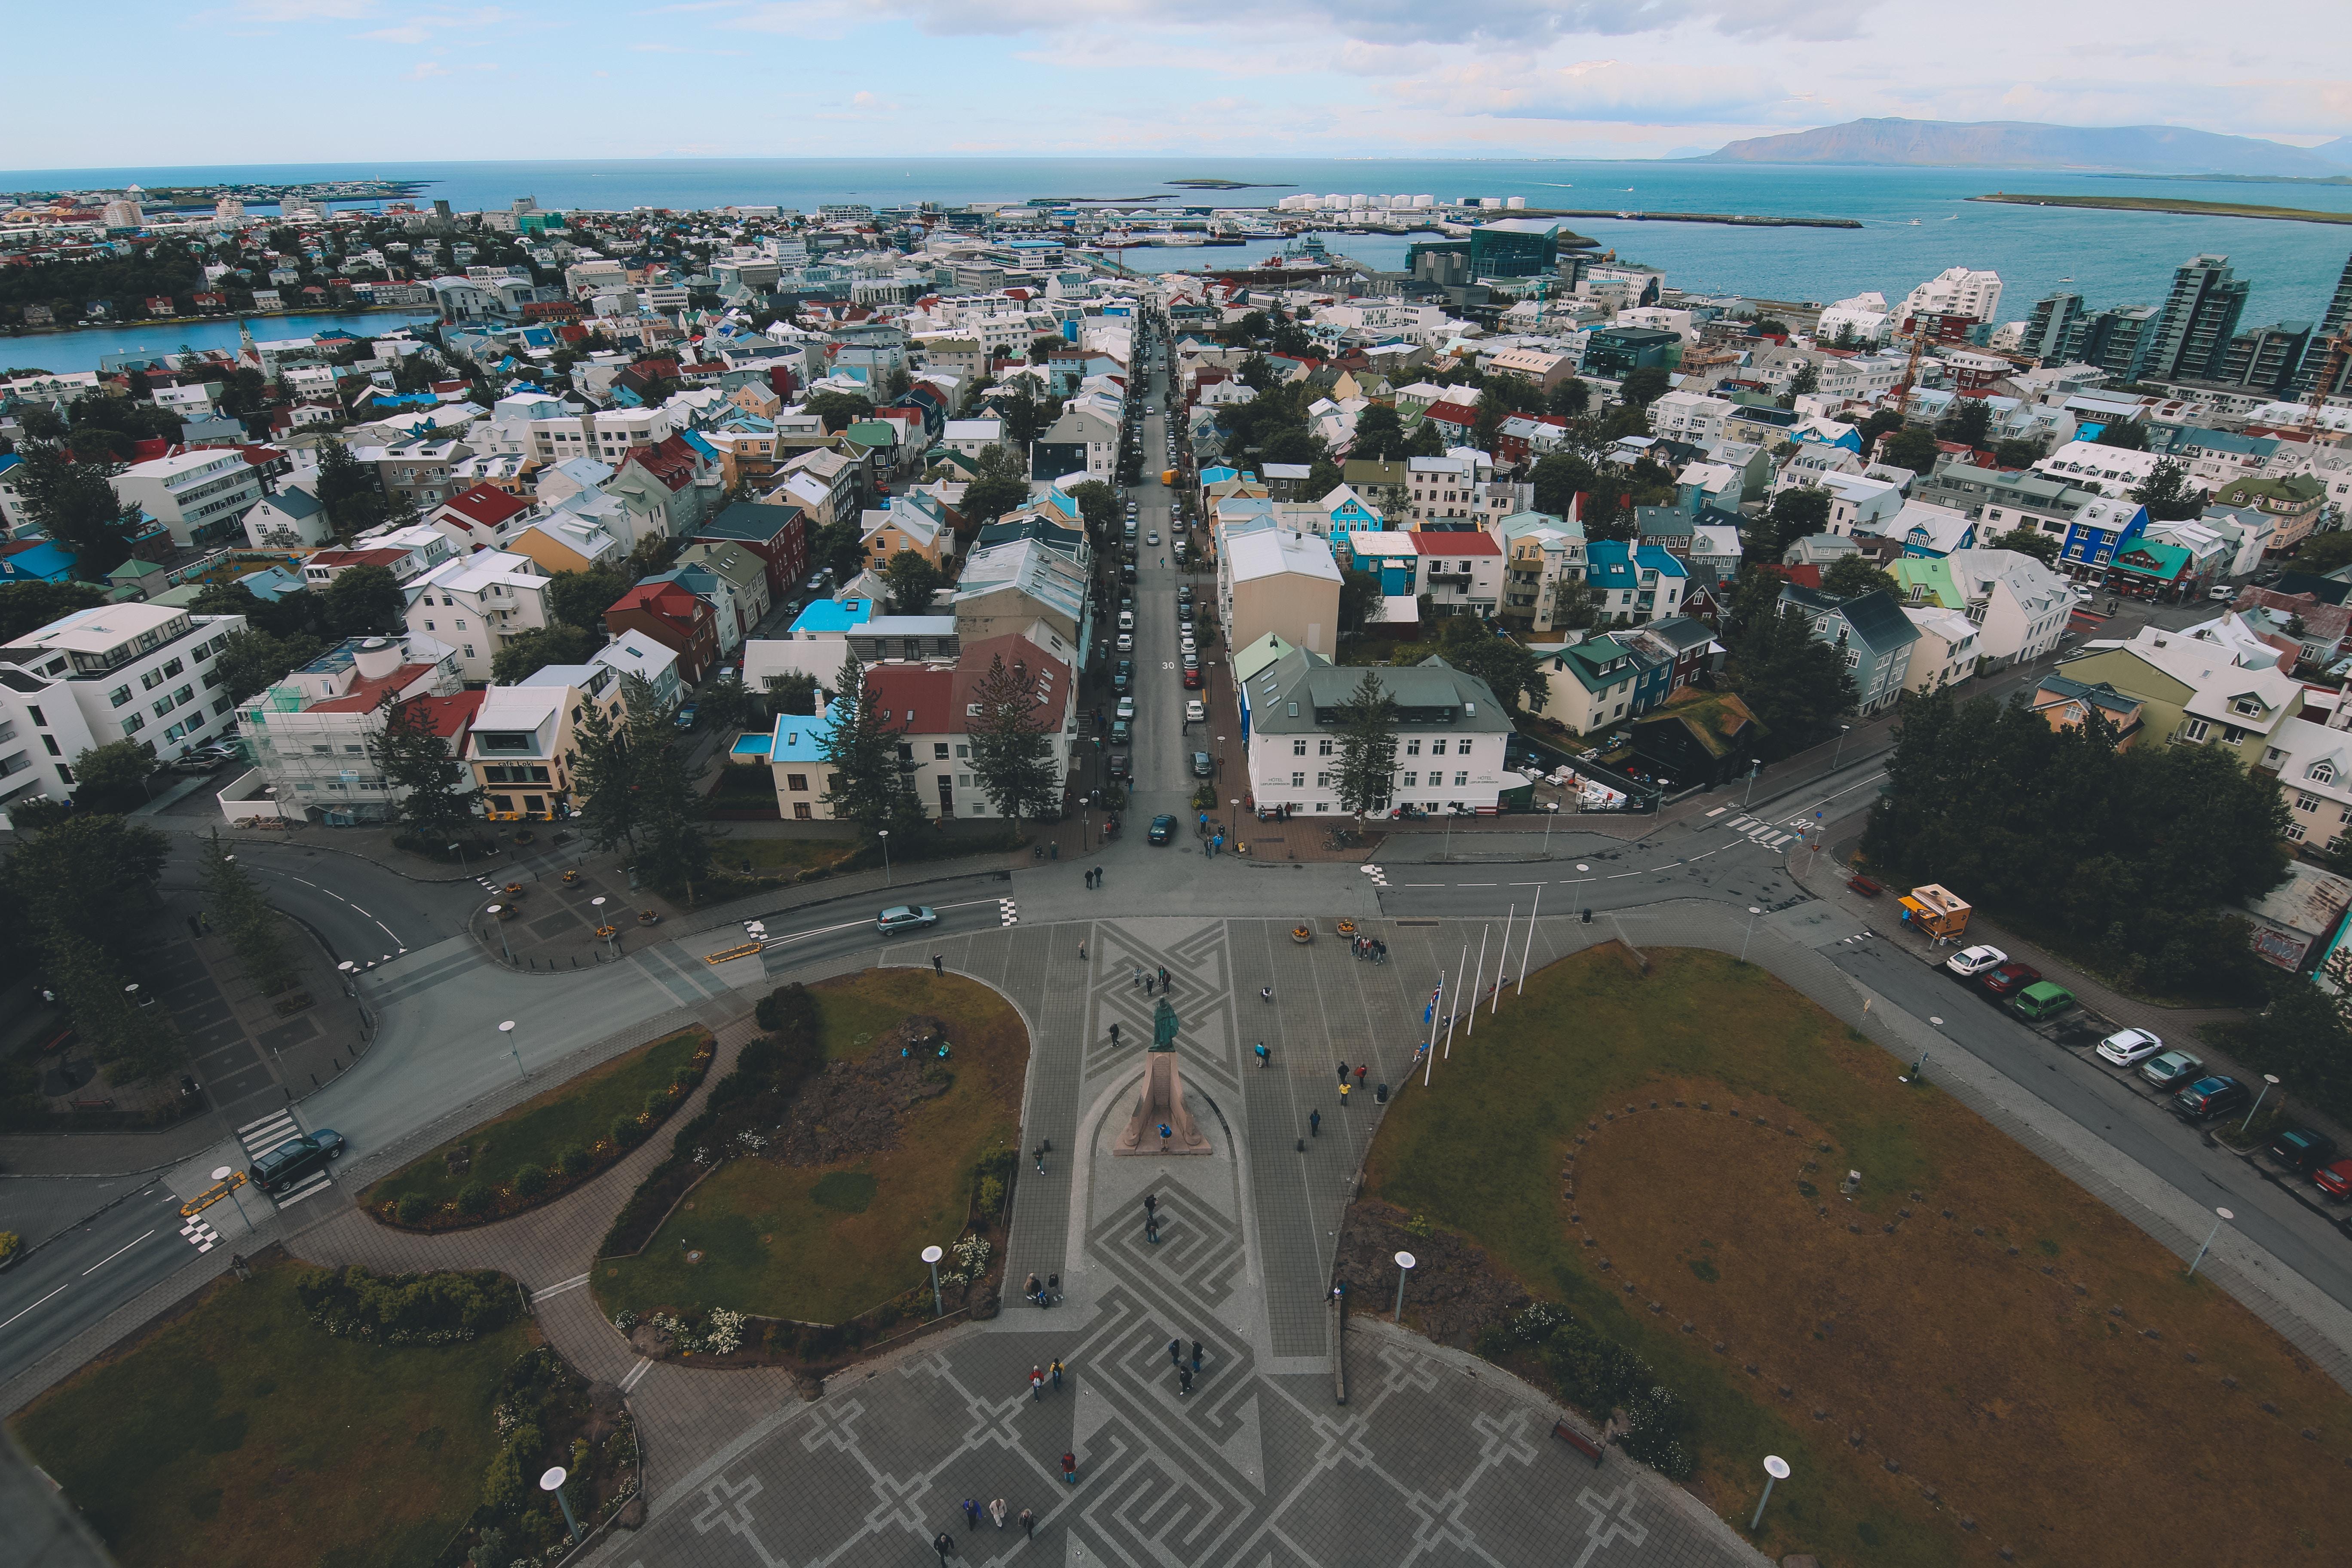 Utsikt mot plassen nedenfor Hallgrímskirkja kirketårn og handlegaten Skólavörðustígur.